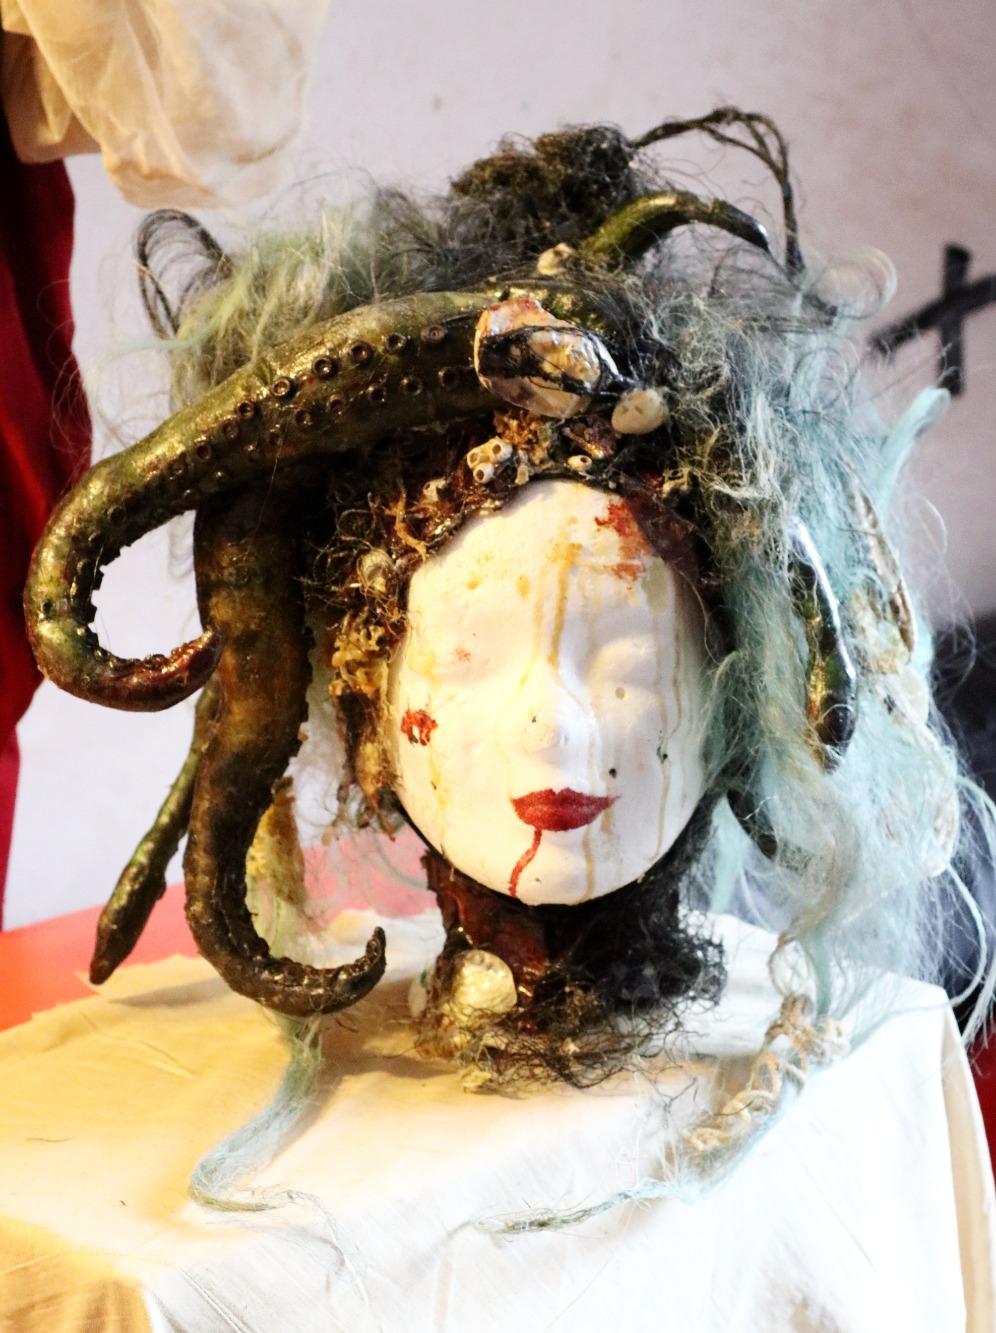 kraken costume